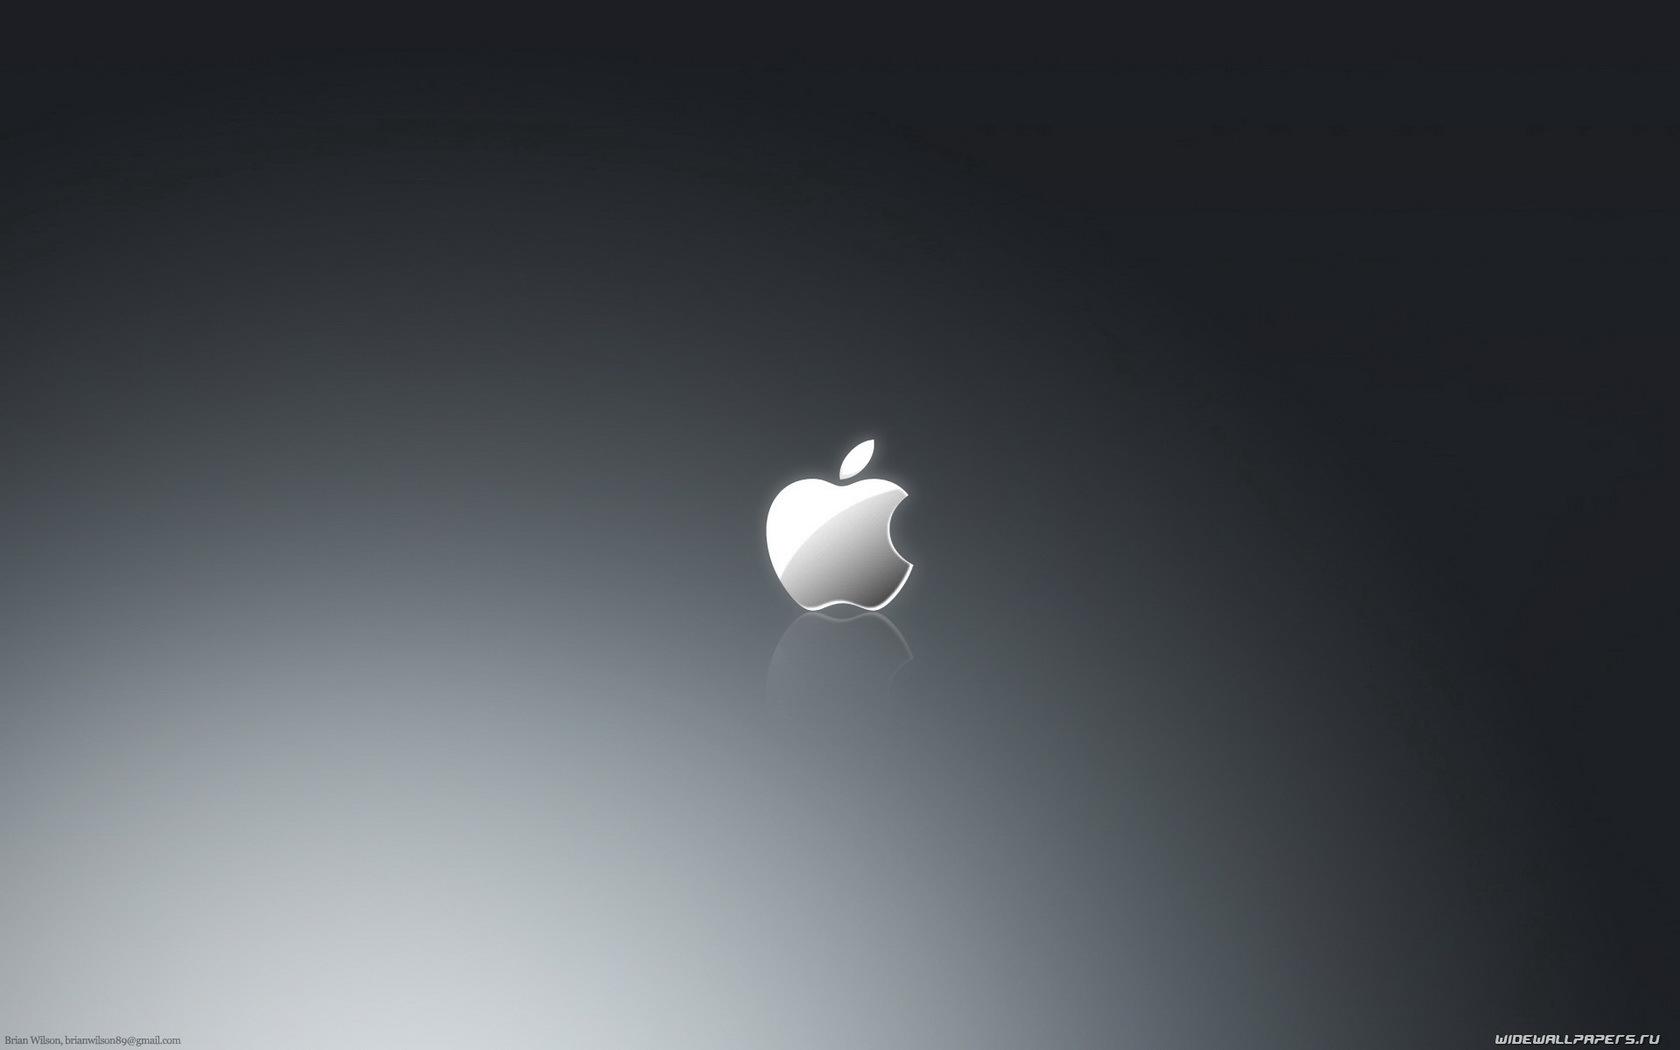 69 Hintergrundbild herunterladen Apple-, Marken, Logos - Bildschirmschoner und Bilder kostenlos